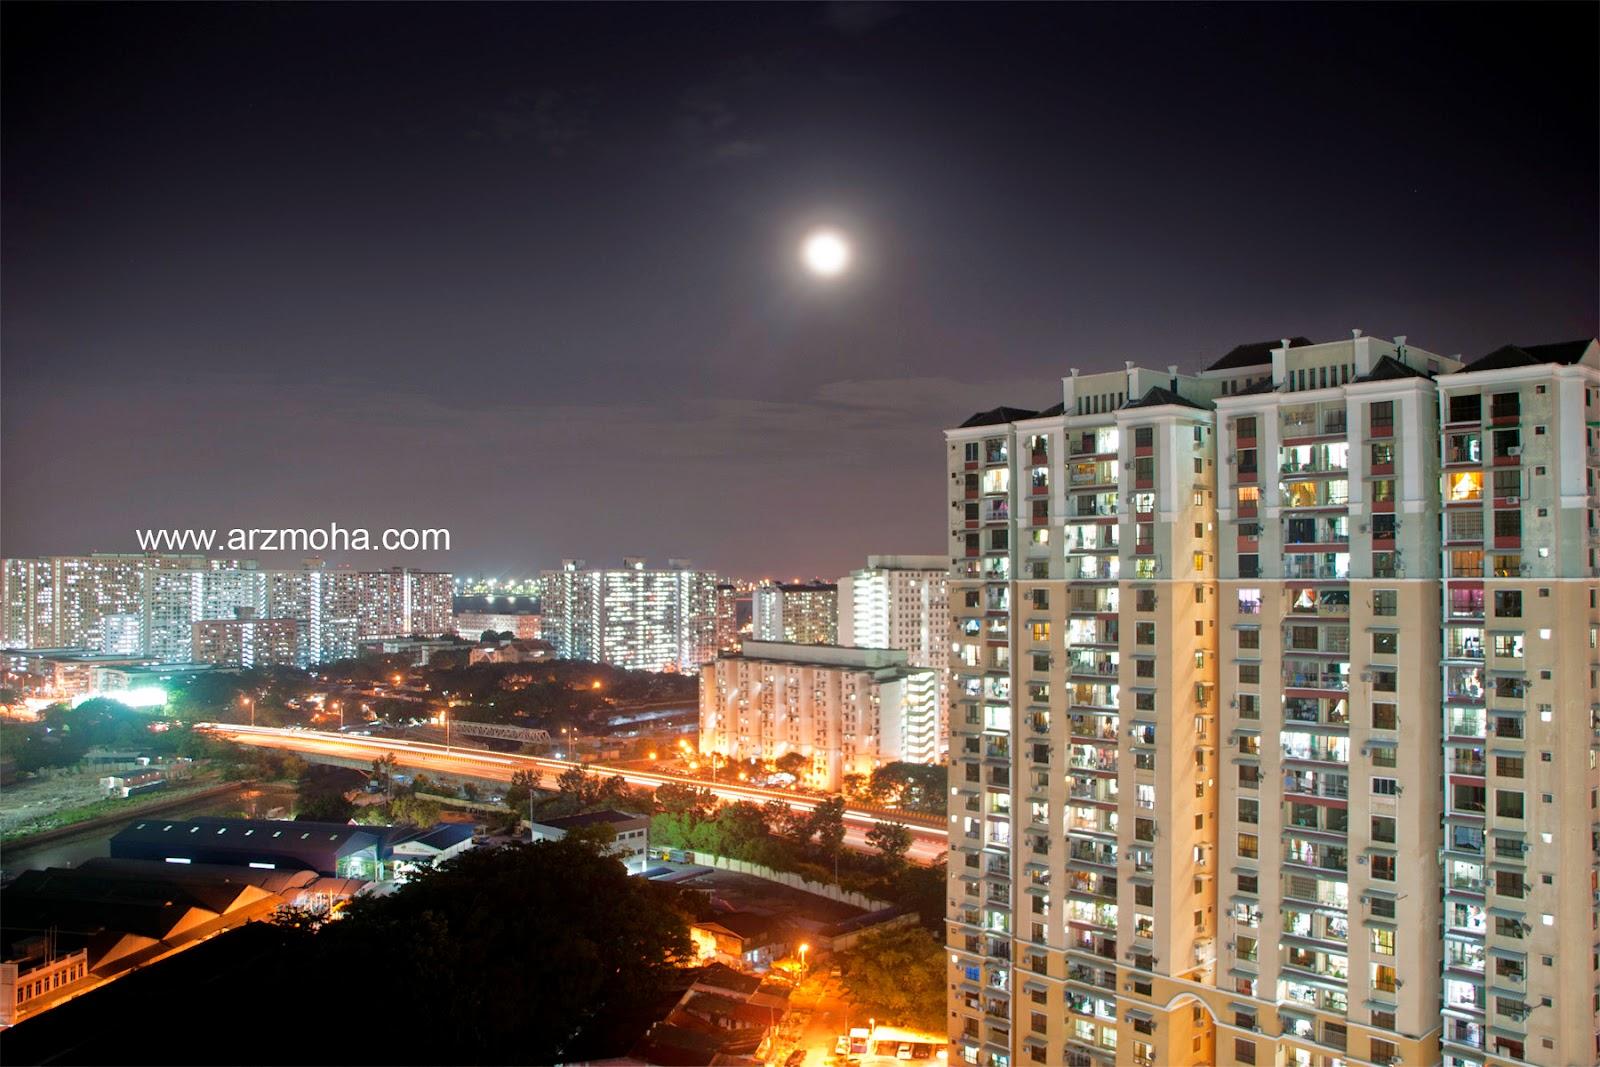 Gerhana bulan, Malaysia, permandangan dari jauh